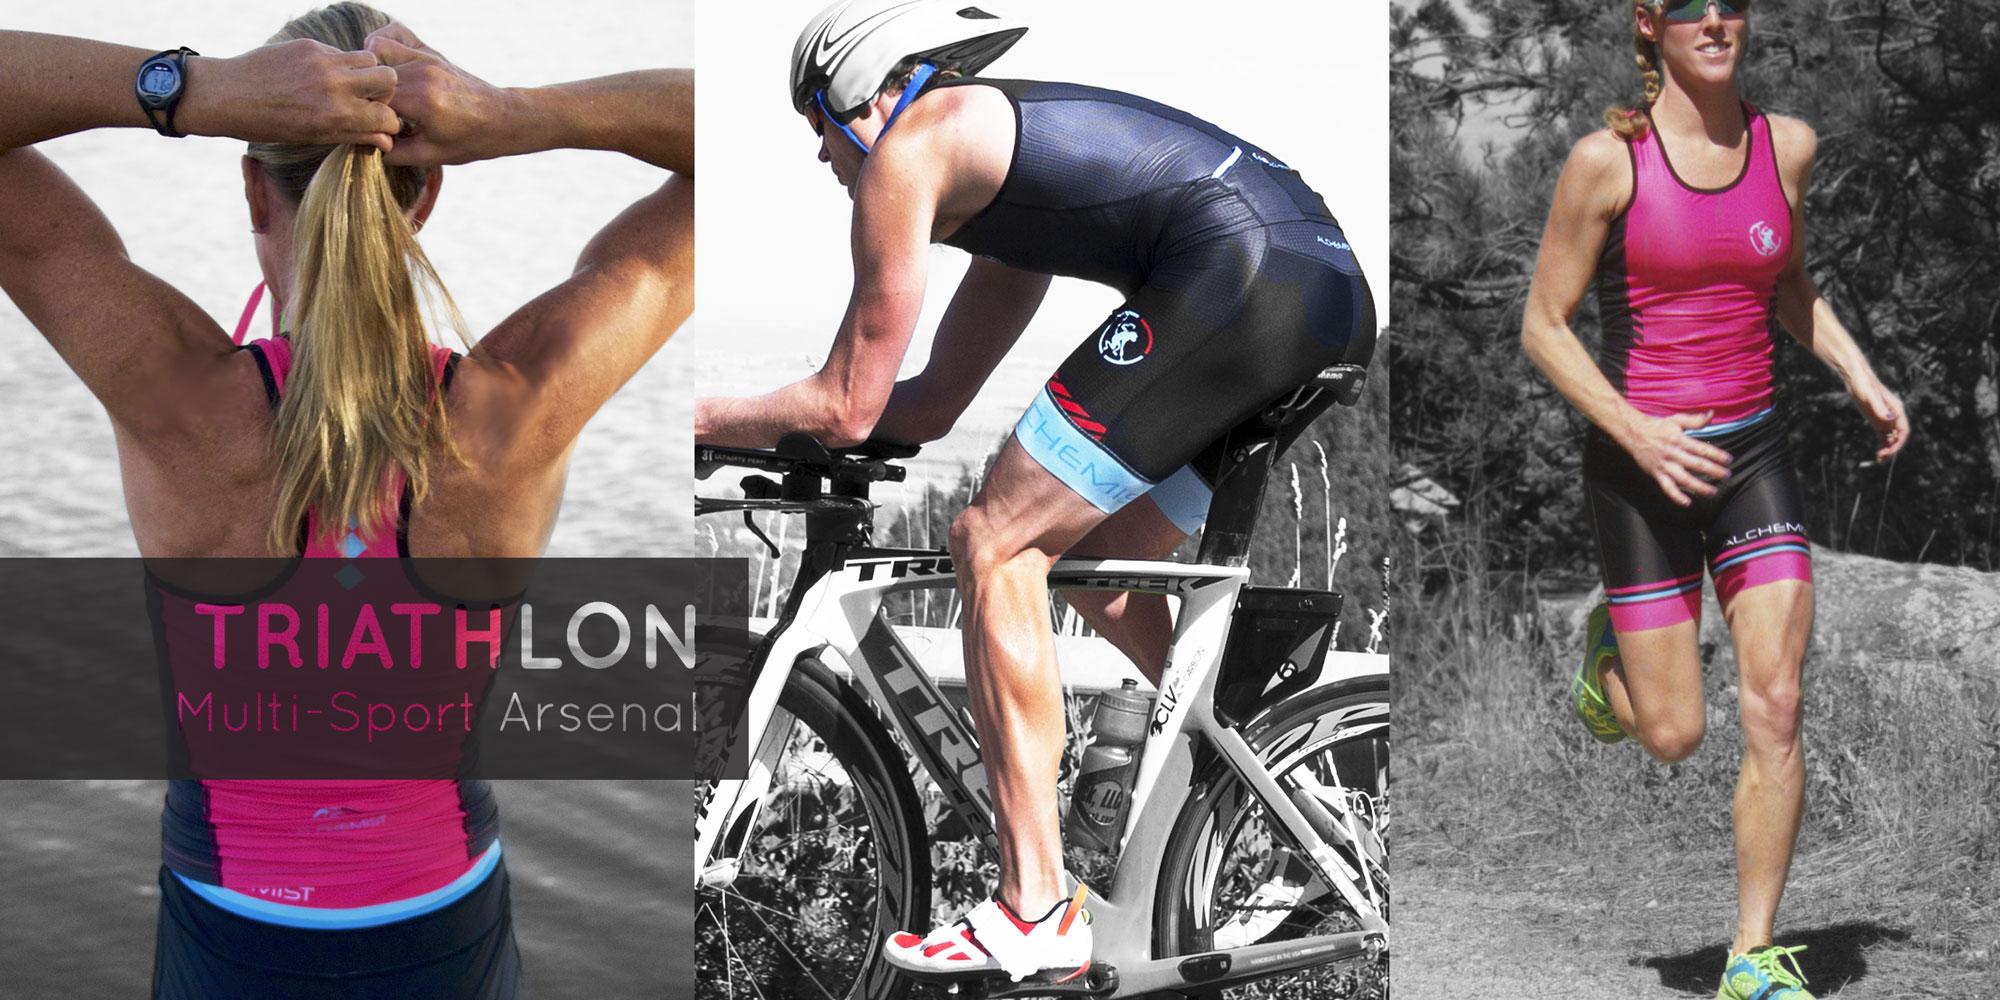 02afe693942 Triathlon - Alchemist Custom Cycling Apparel